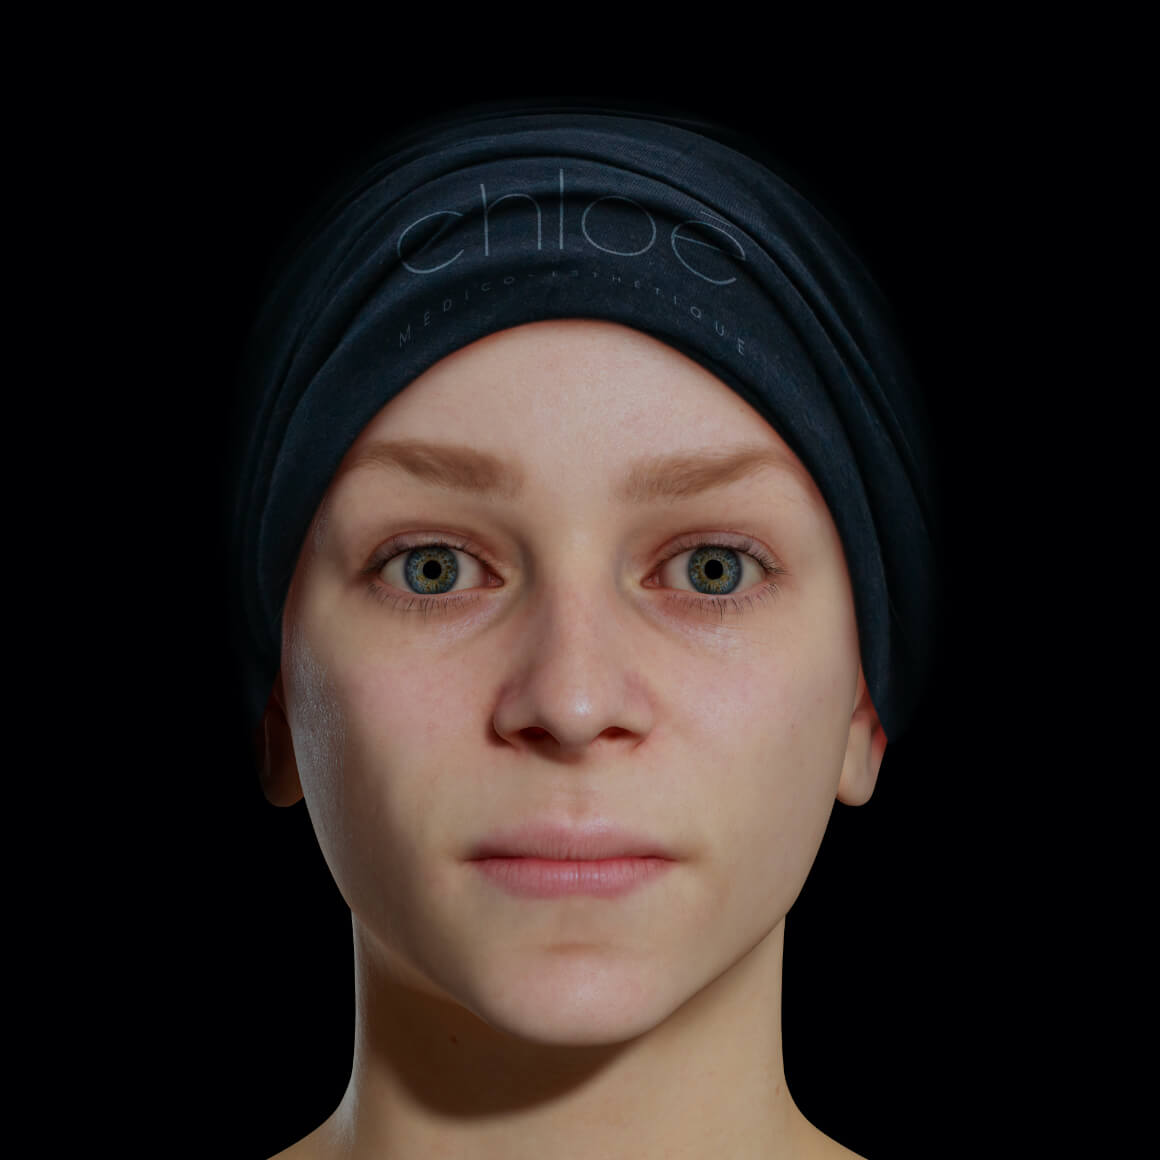 Une patiente de la Clinique Chloé vue de face après des injections d'agents de comblement pour la définition de la mâchoire